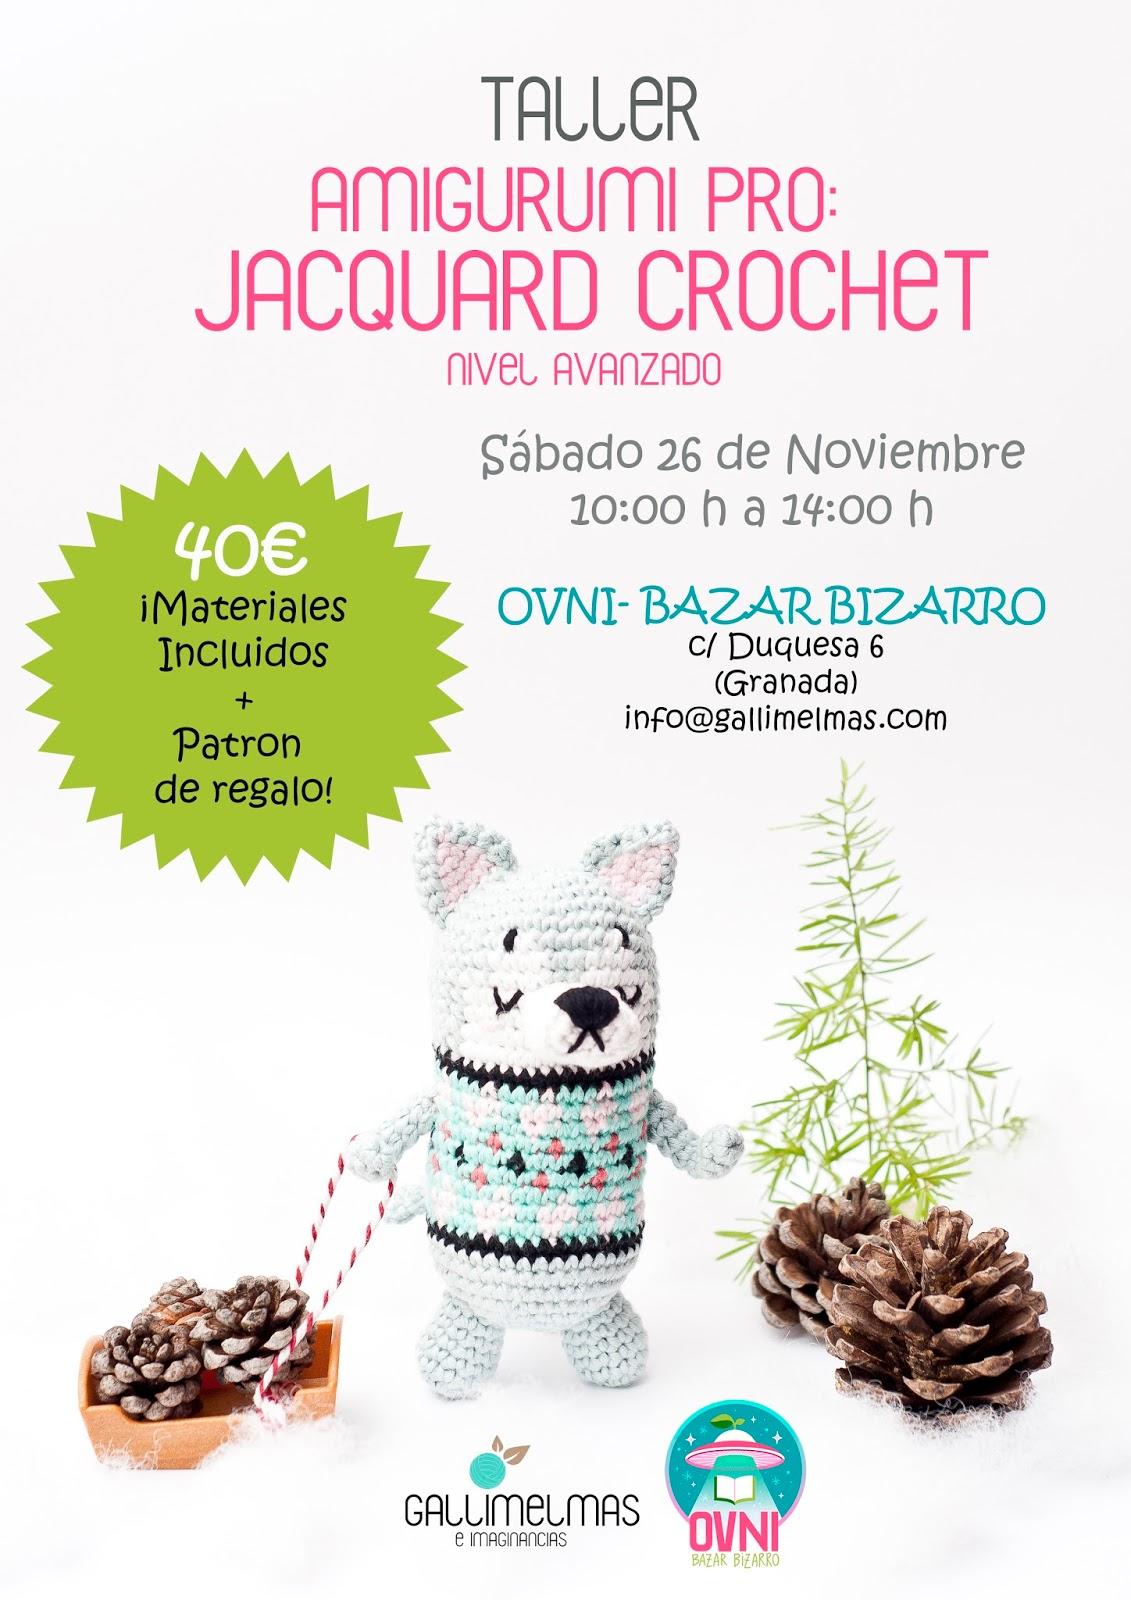 Haz tus amigurumis aún más divertidos! ¡Taller de Jacquard Crochet ...